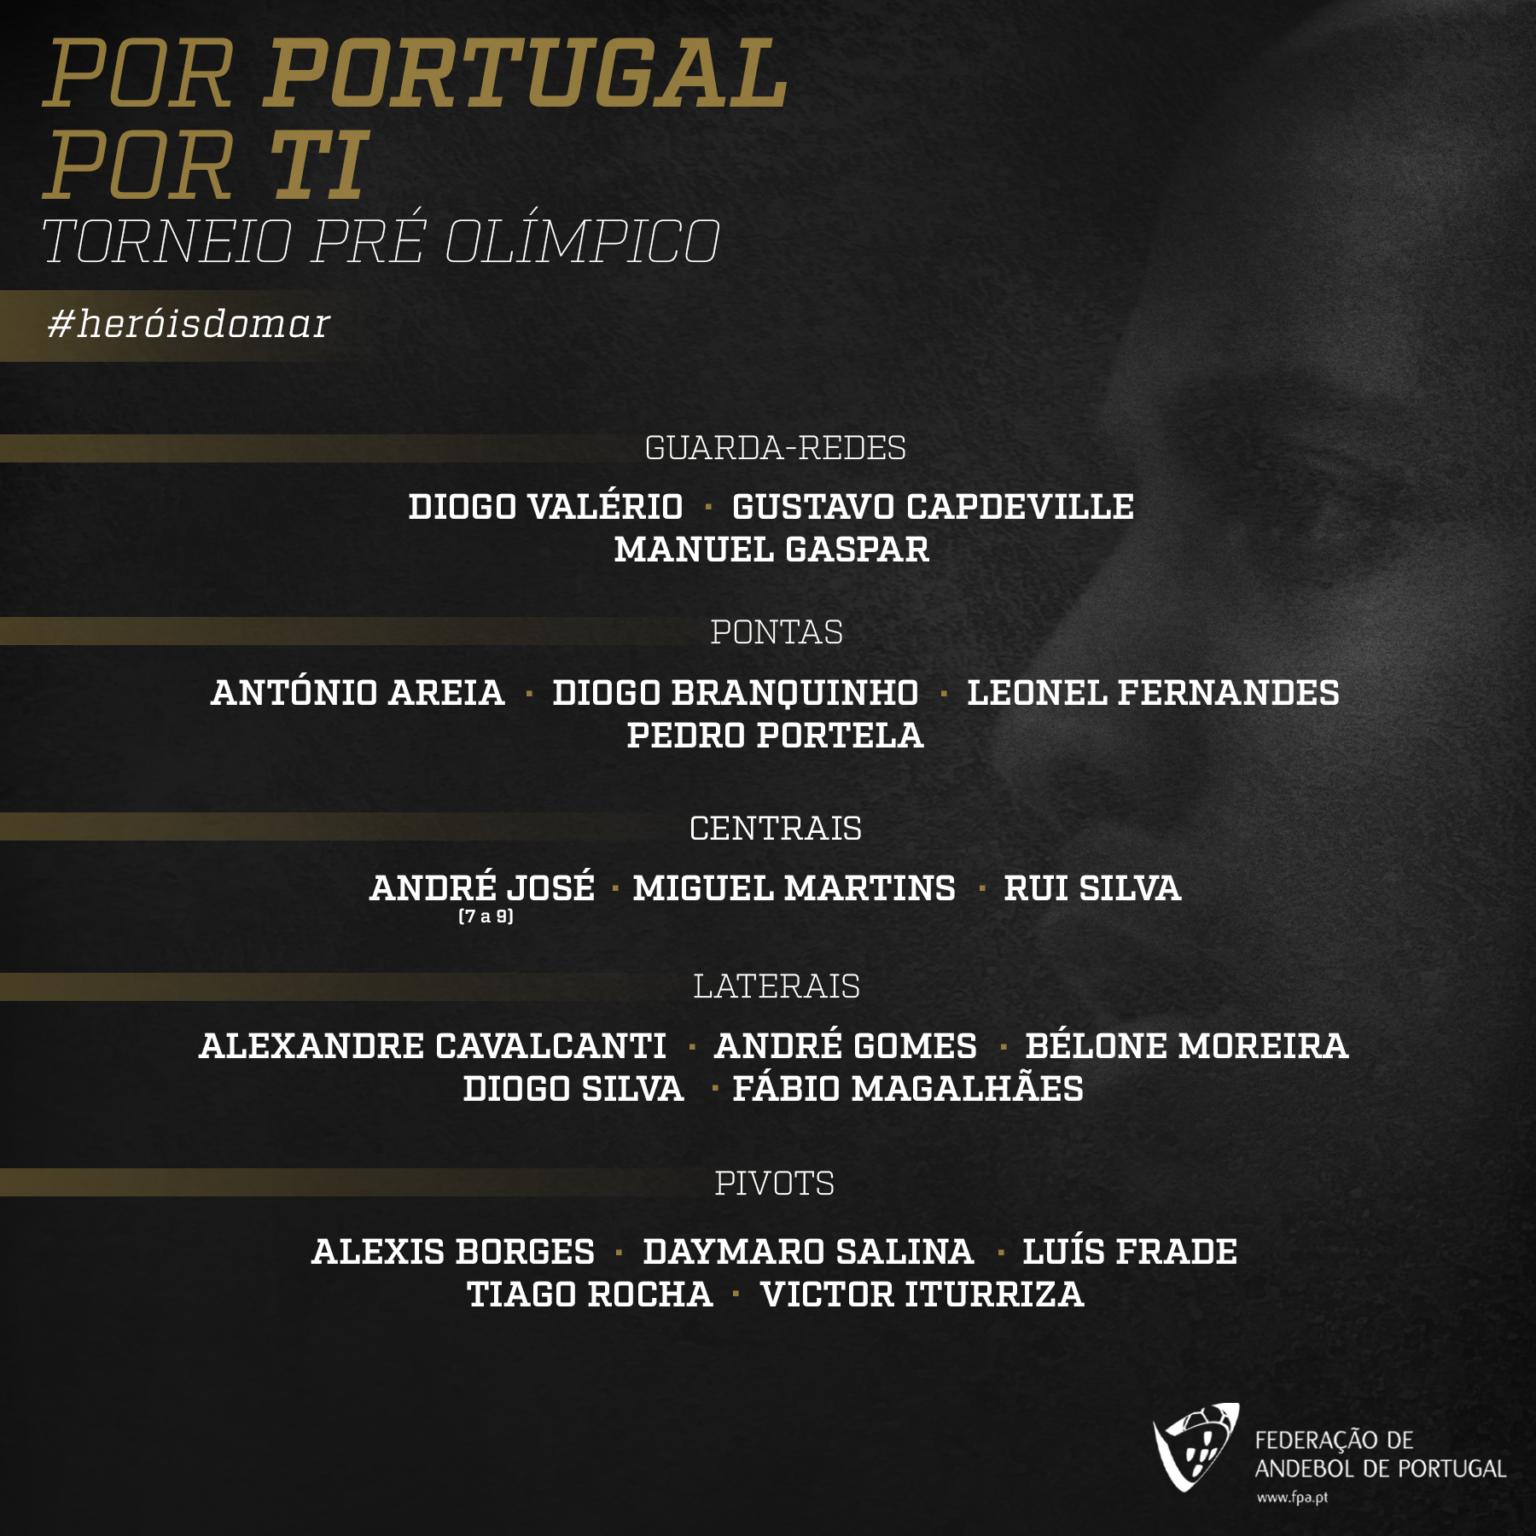 Os guarda-redes Alfredo Quintana e Humberto Gomes são os principais ausências da convocatória de Paulo Jorge Pereira, juntamente com Gilberto Duarte.